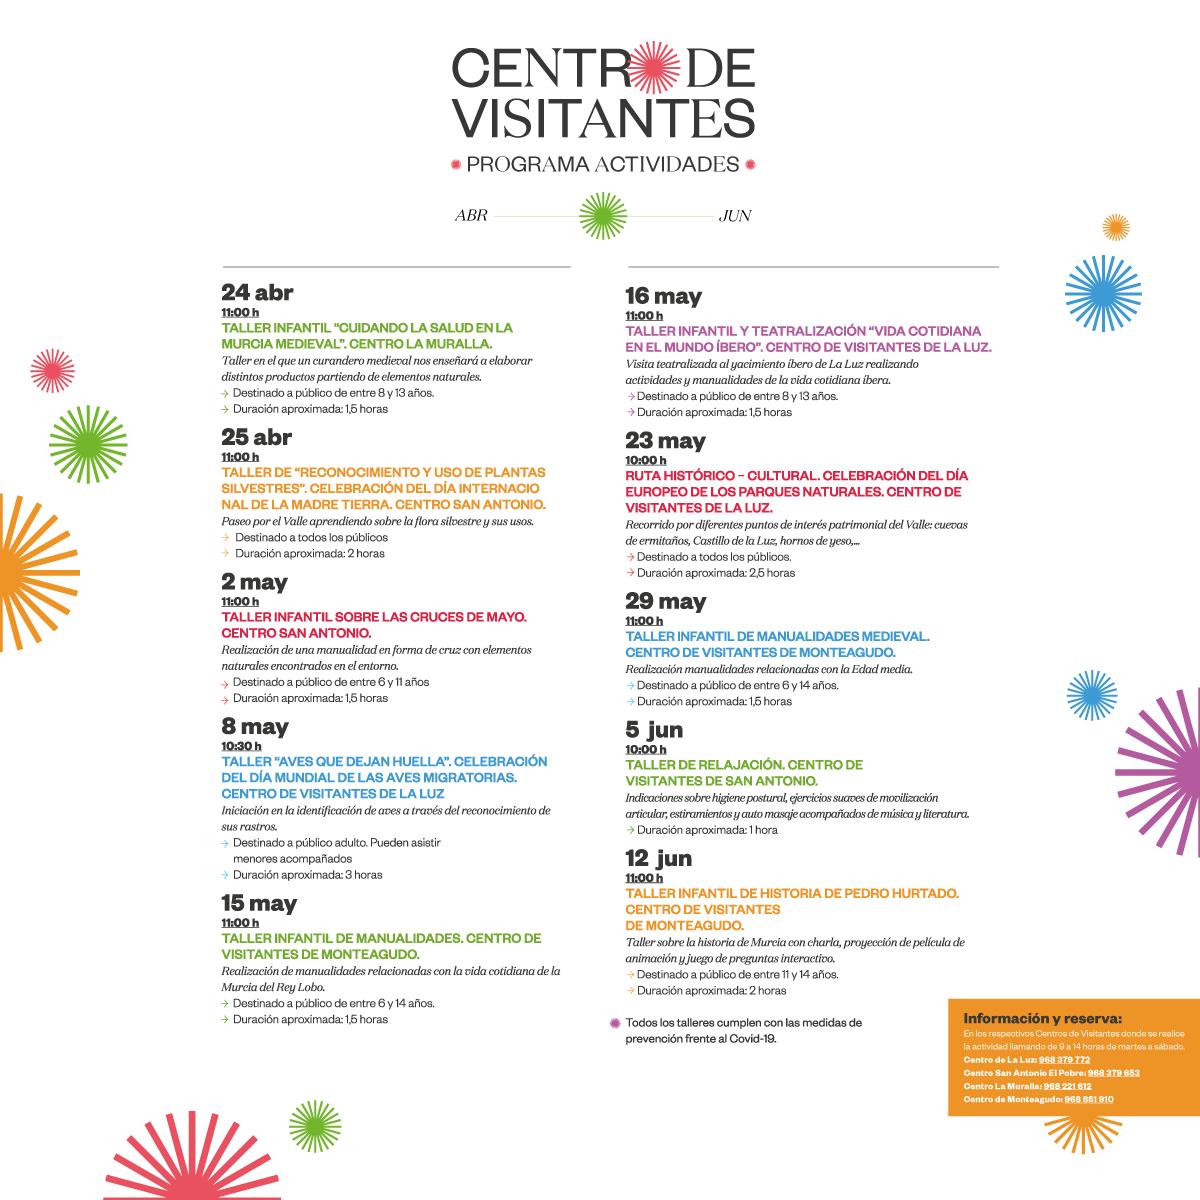 Programación de los Centros de Visitantes del Ayto. de Murcia